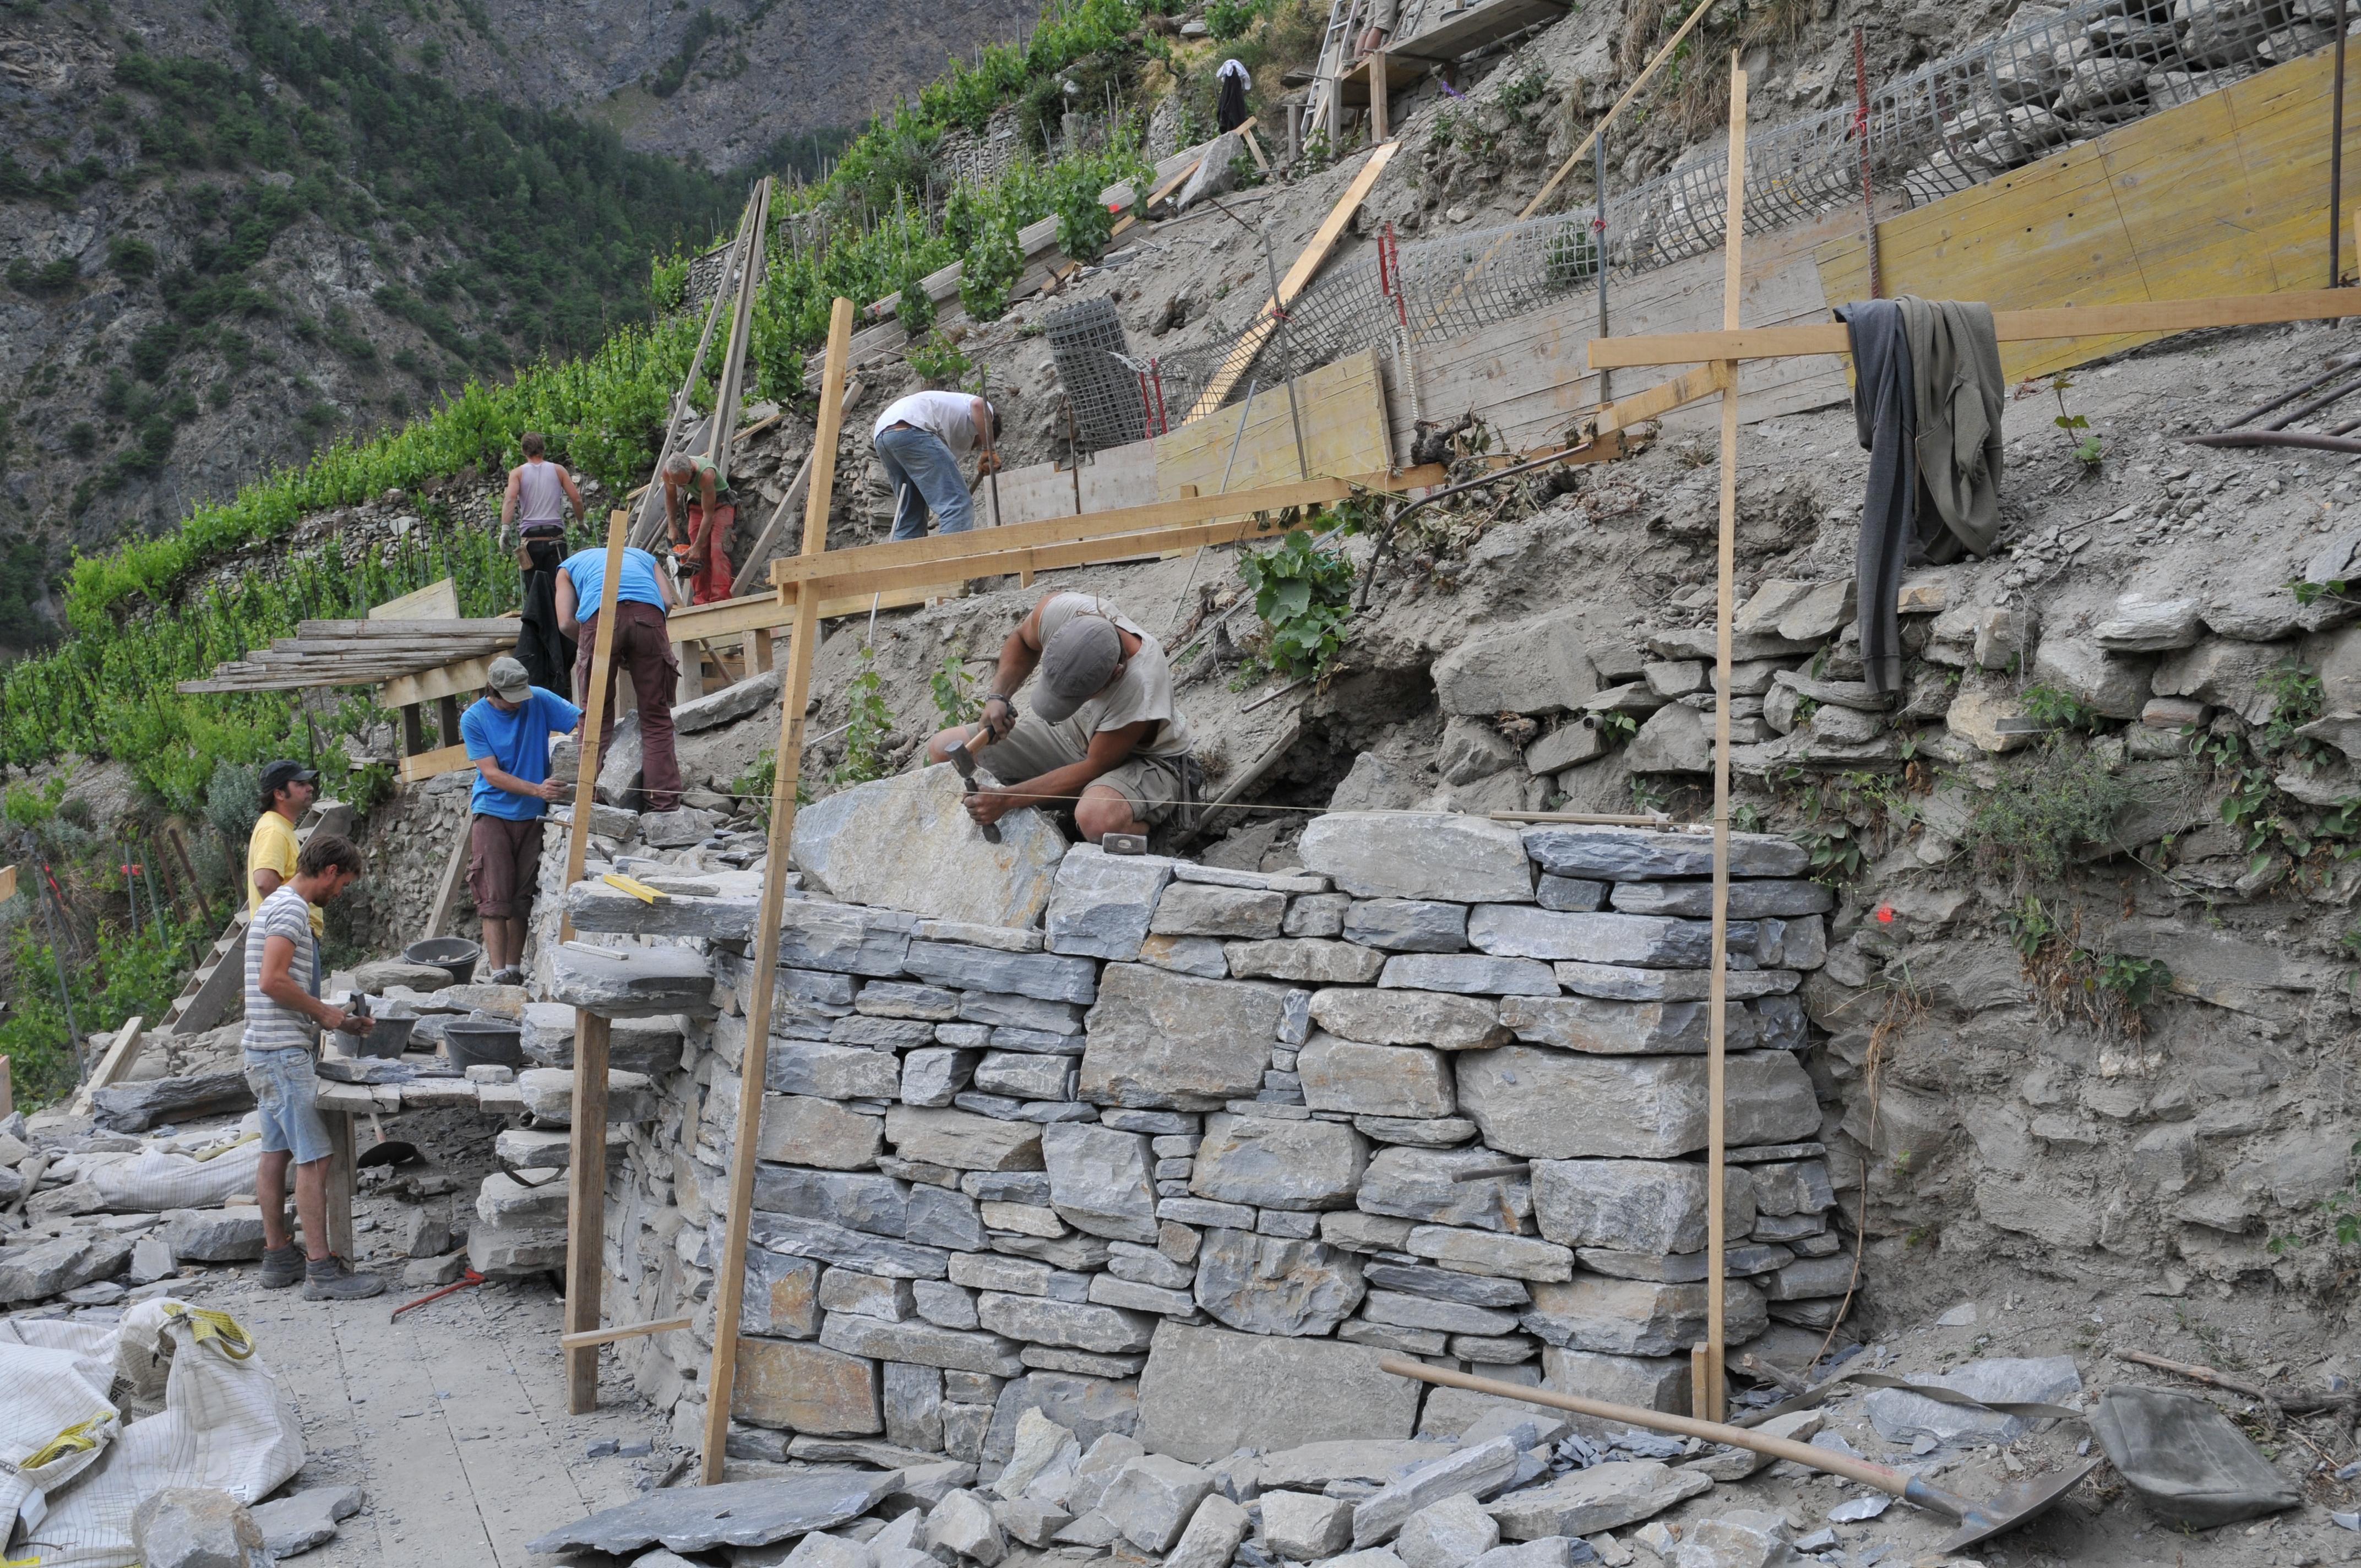 trockenmauern - stiftung umwelteinsatz